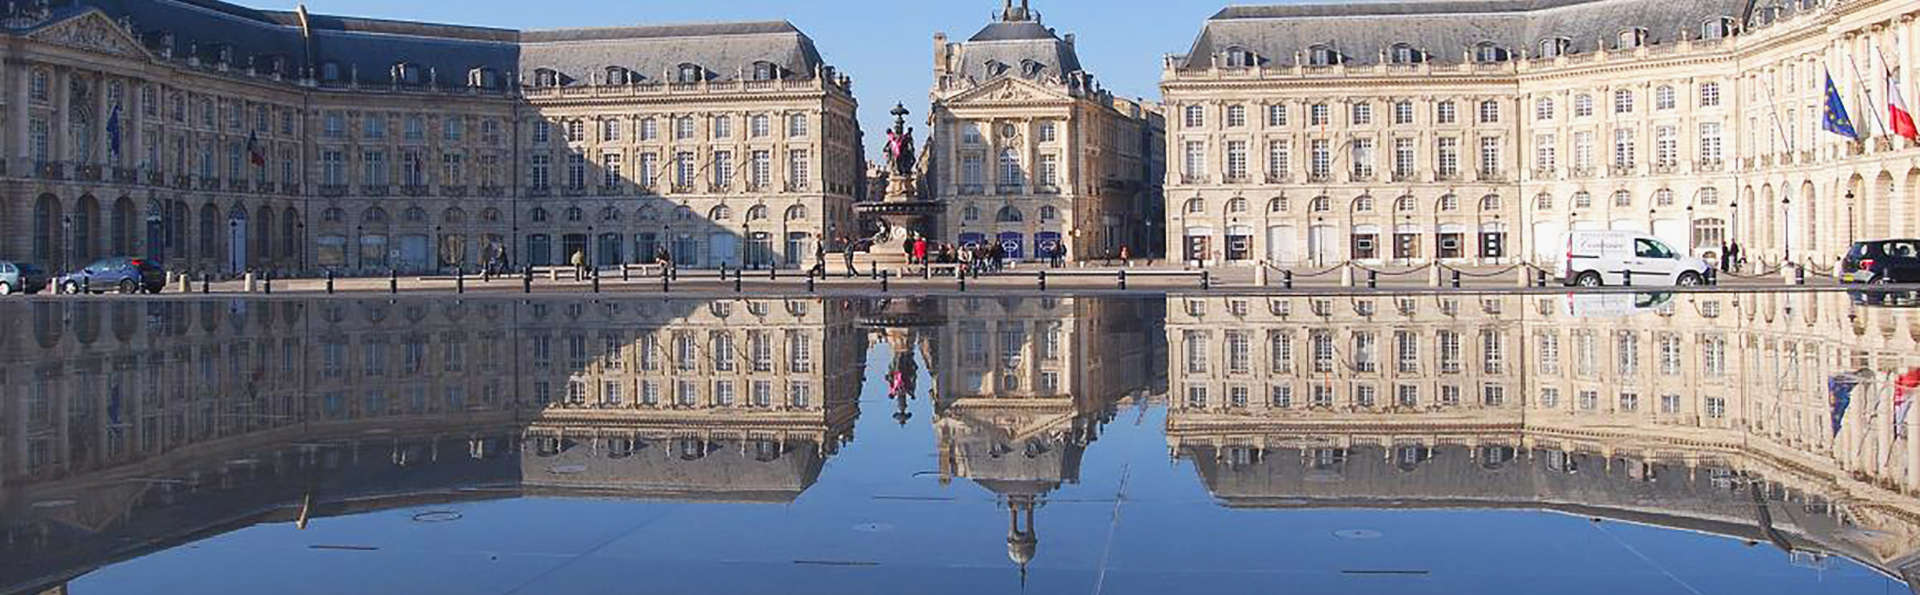 Château Grattequina - EDIT_Bordeaux_1.jpg